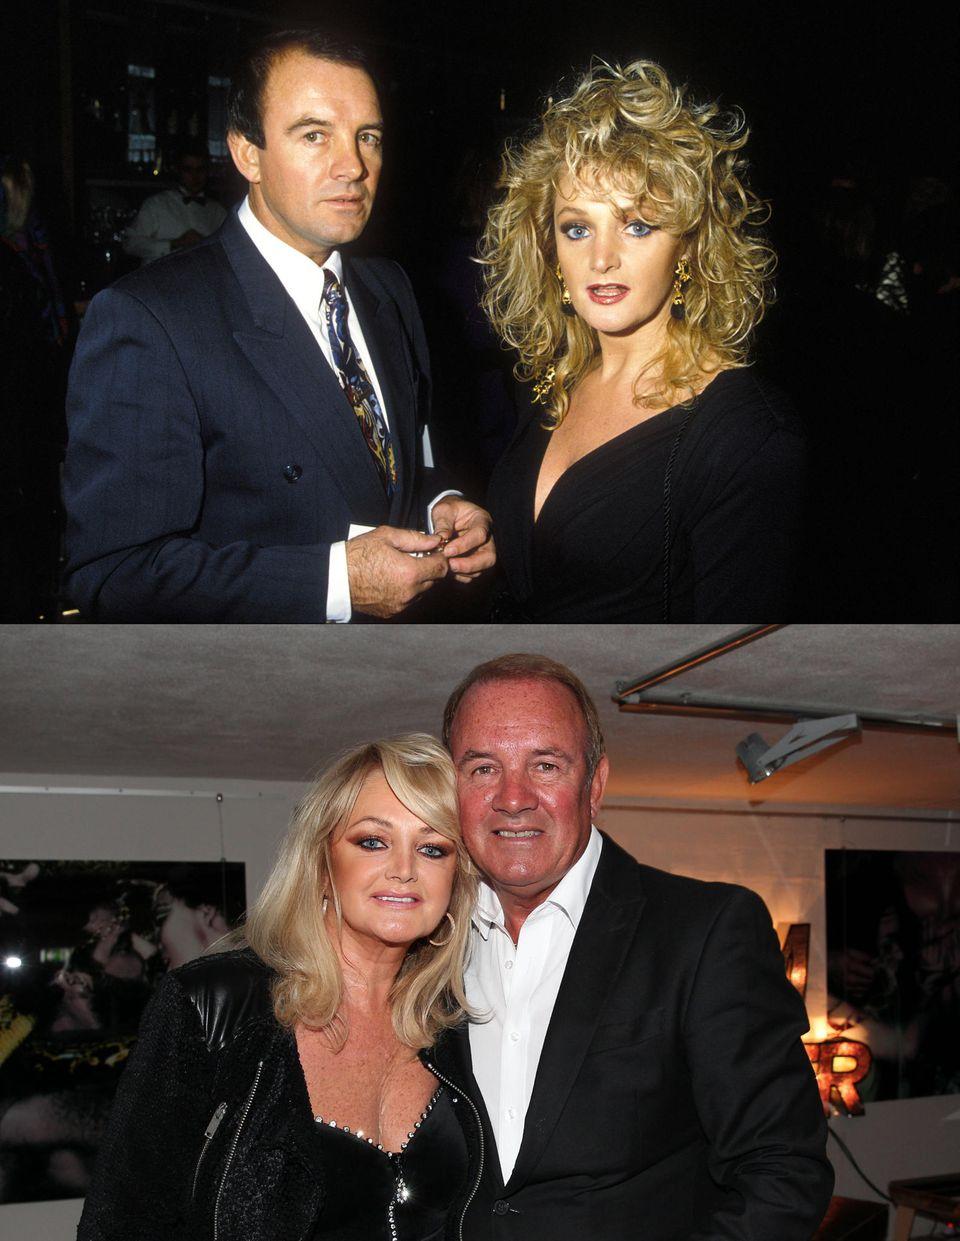 Bonnie Tyler und Robert Sullivan  Die britische Pop- und Rocksängerin ist nicht nur ihrer Liebe zur Musik, sondern auch ihrem Ehemann treu geblieben. Seit 1973 ist die Blondine mit der markanten Power-Stimme mit Robert Sullivan verheiratet.